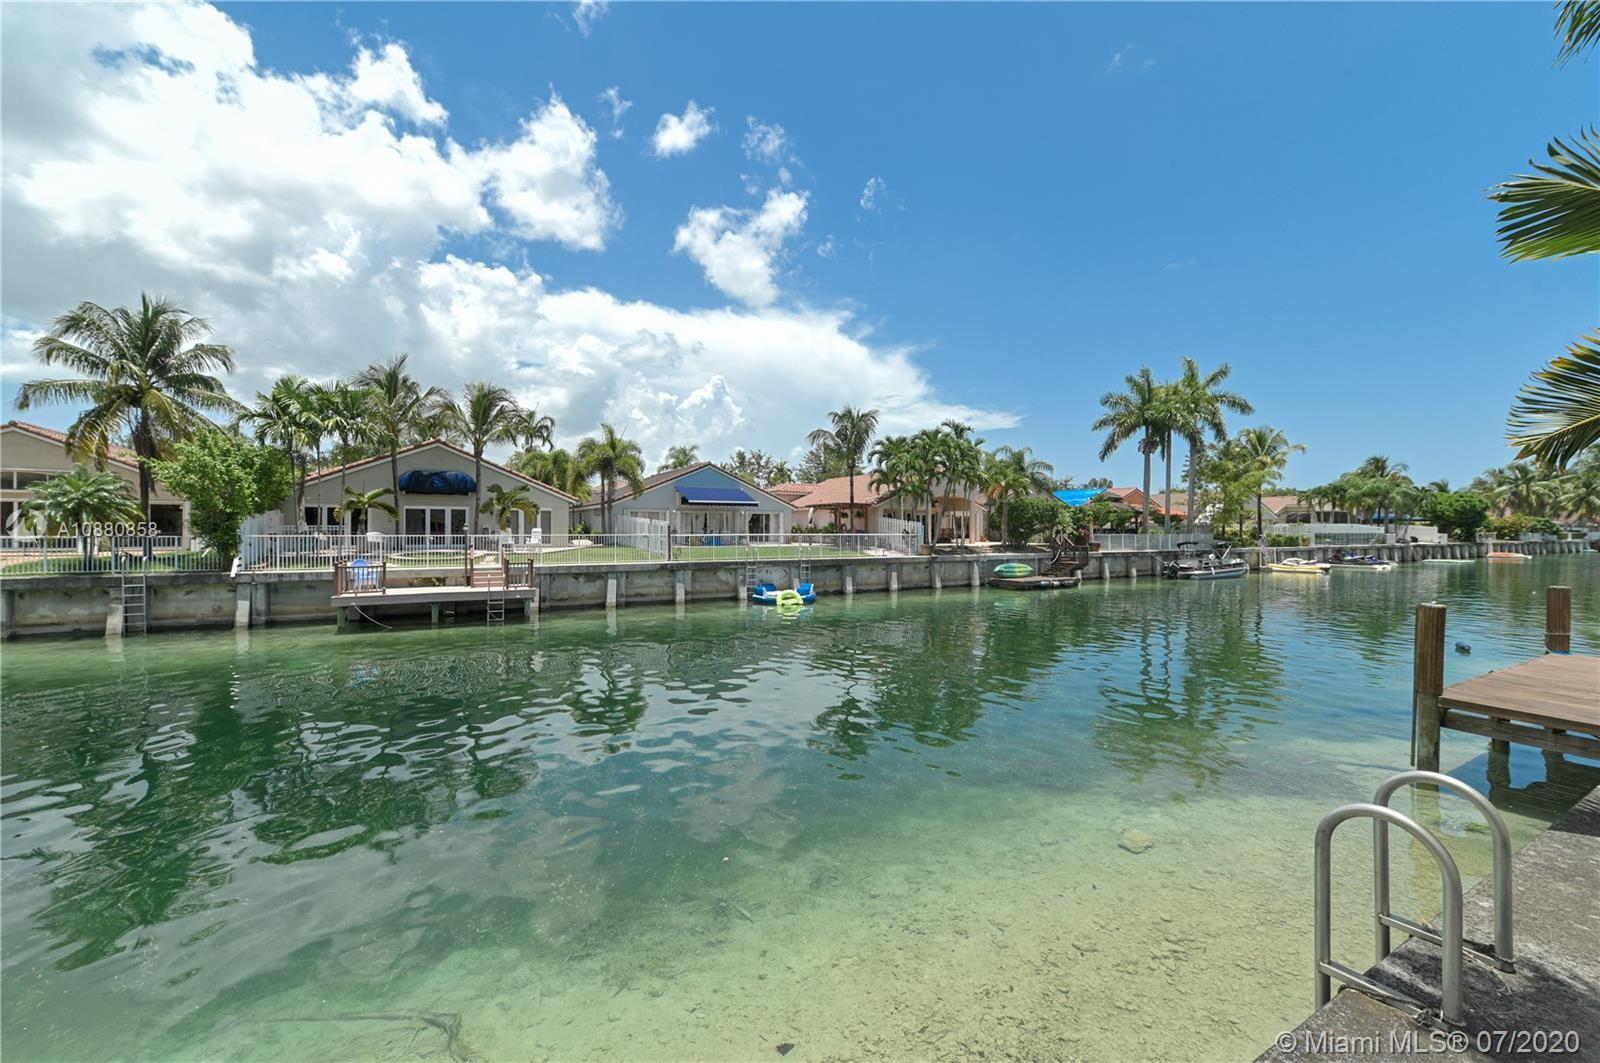 13269 SW 146th St, Miami, FL 33186 - #: A10880858